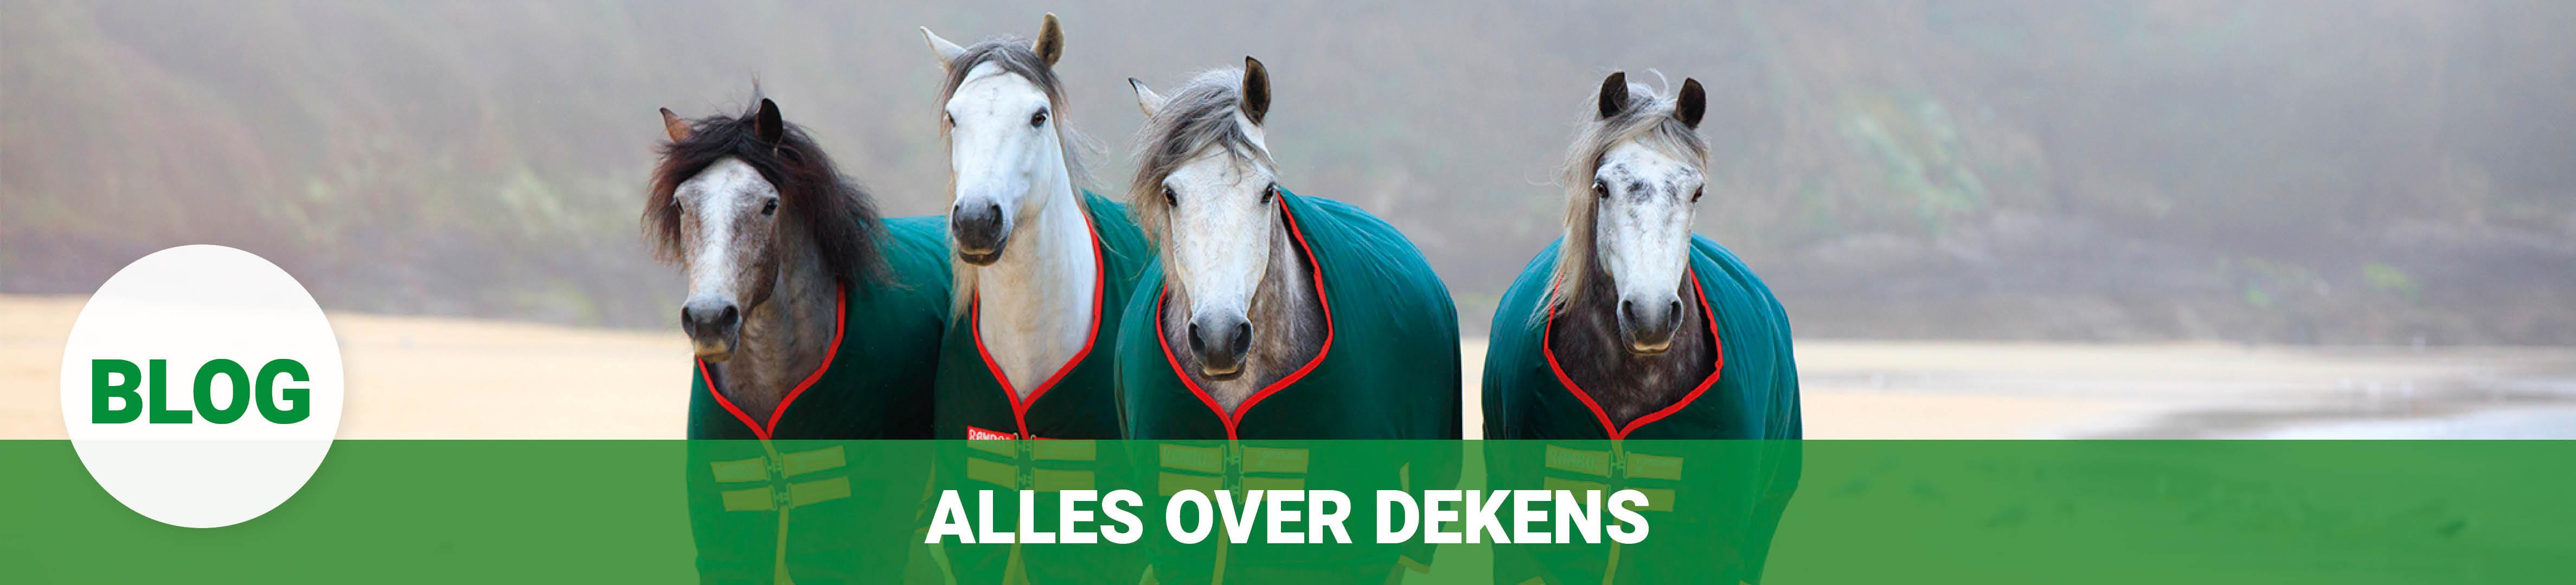 merkenshopbanner_blogs_allesover_paardendekens.jpg